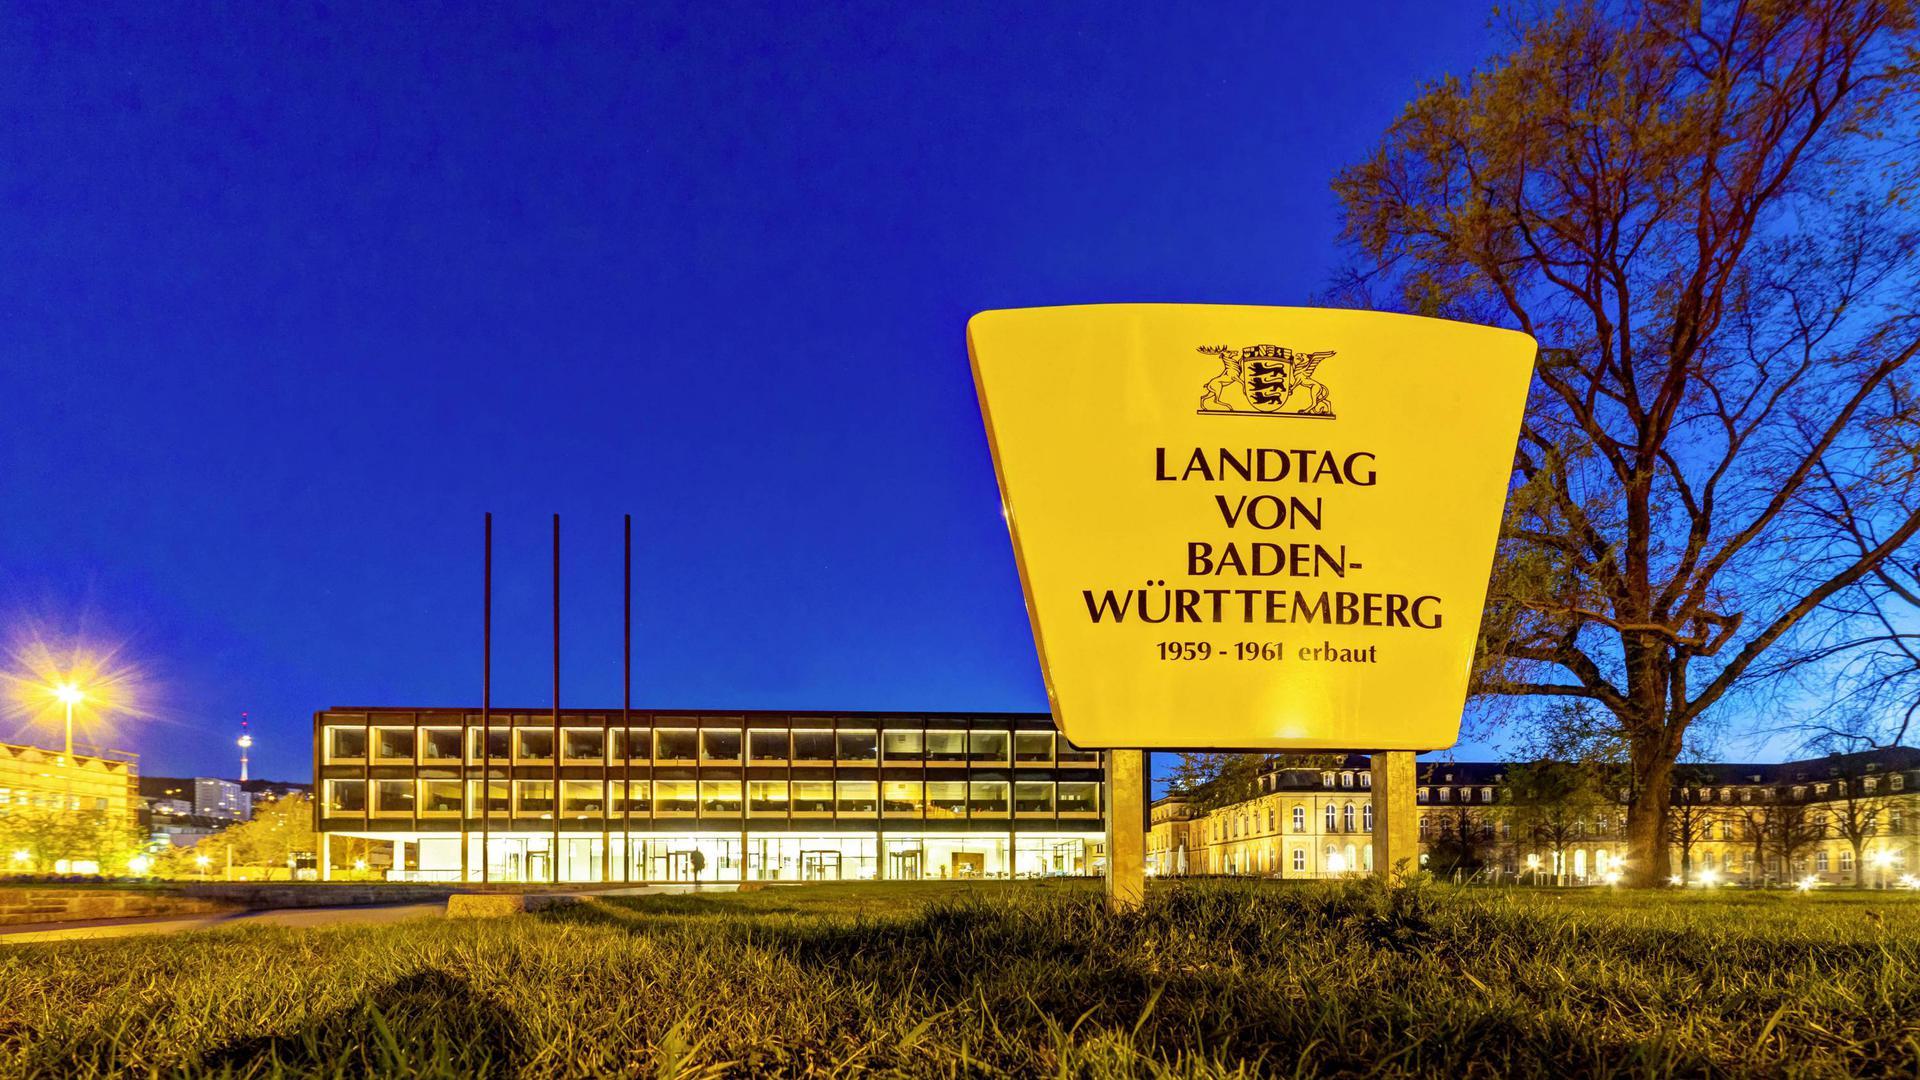 DEU, Deutschland, Stuttgart, 31.03.2019: - Der baden-württembergische Landtag in Stuttgart wurde 1959 bis 19661 von den Architekten Viertel, Linde und Heinle erbaut. Der dreigeschossige Stahlbetonskelettbau befindet sich am Eckensee neben der Stuttgarter Oper. Die Architektur sollte nicht in Konkurrenz zum typischen O p e r n h a u s - K l a s s i z i s m u s des G r o ß e n H a u s e s stehen und wurde deshalb sehr zurückhaltend ausgearbeitet. *** DEU Deutschland Stuttgart 31 03 2019 The state parliament of Baden-Württemberg in Stuttgart was built between 1959 and 19661 by the architects Viertel Linde und Heinle The three-storey reinforced concrete skeleton building is located on Eckensee next to the Stuttgart Opera House The architecture should not be in competition with the typical O p e r n h a s s i c i s s m u s of